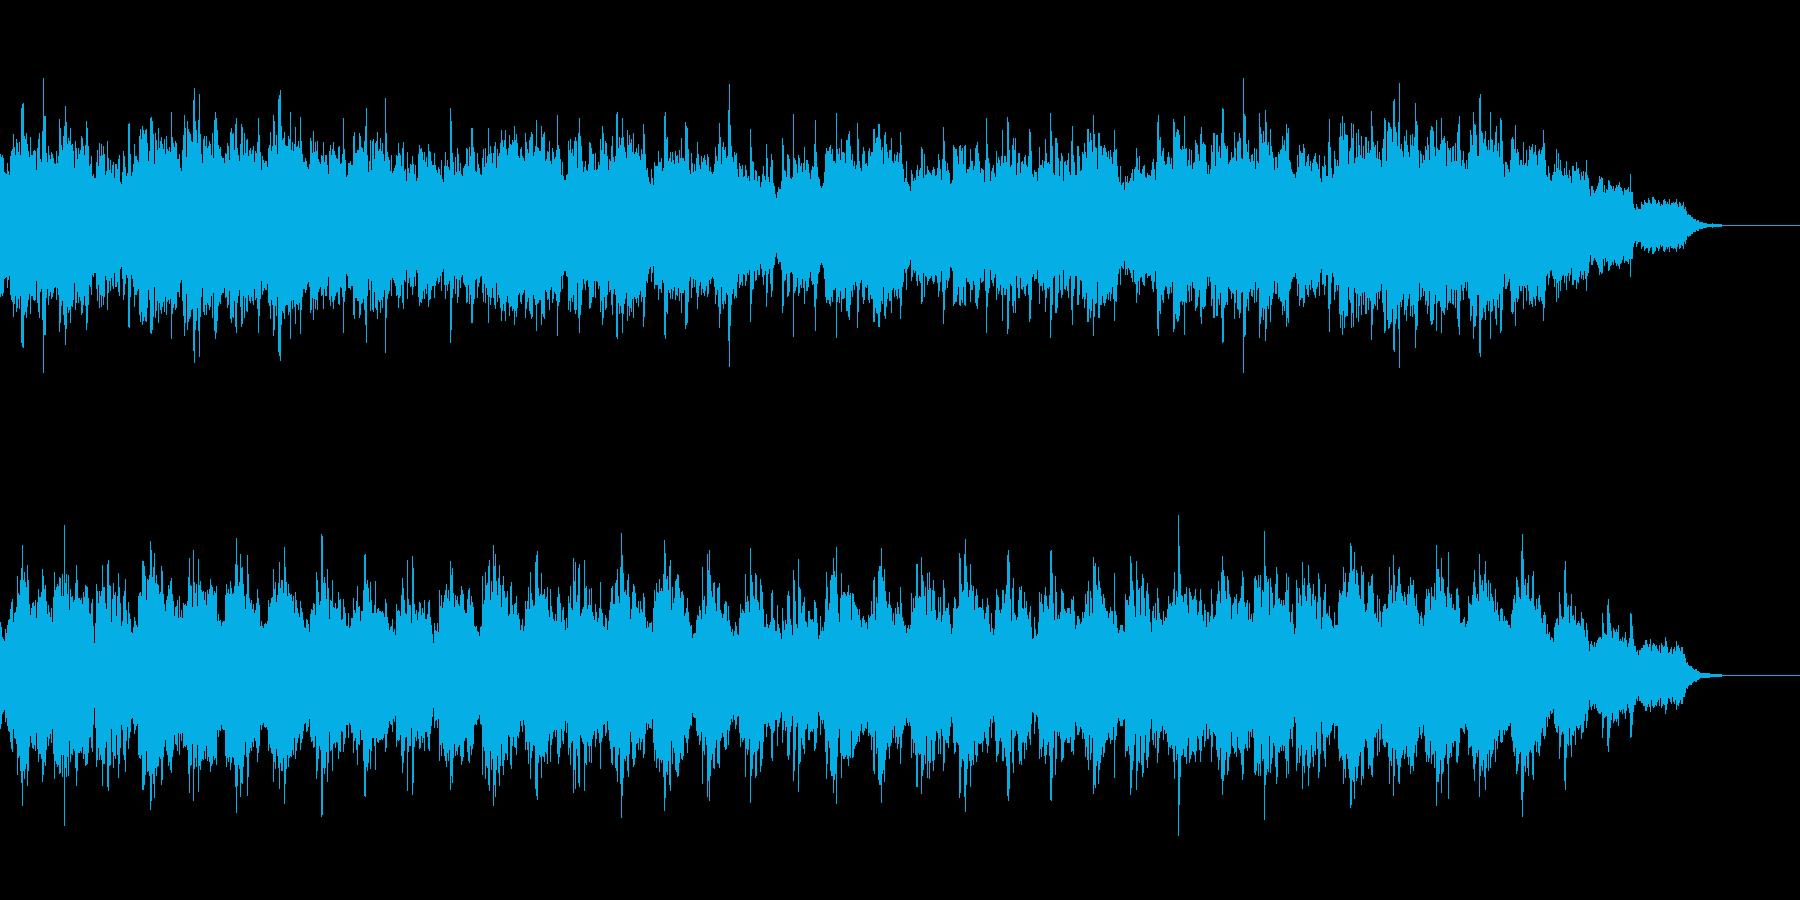 ピアノとストリングスの幻想的なBGMの再生済みの波形